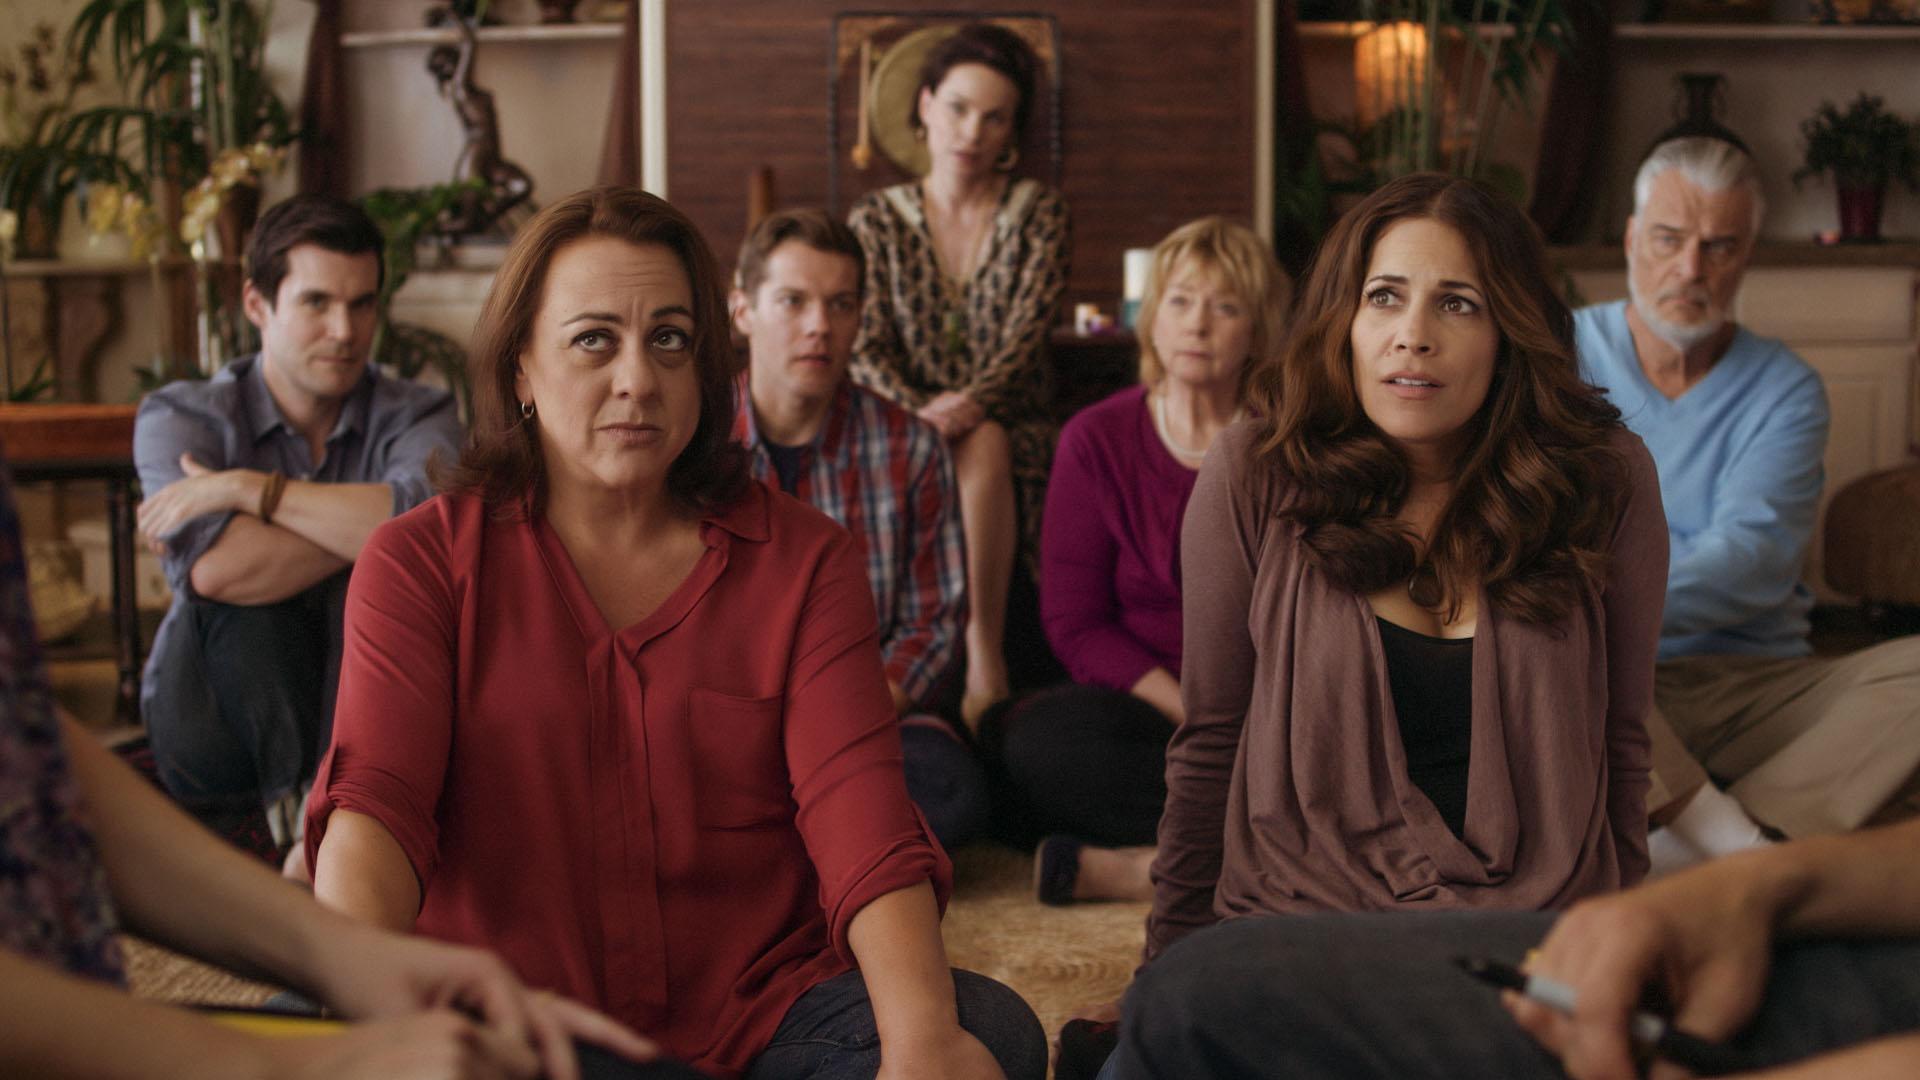 Kat (Tara Karsian) and Sam (Andrea Grano) in group therapy